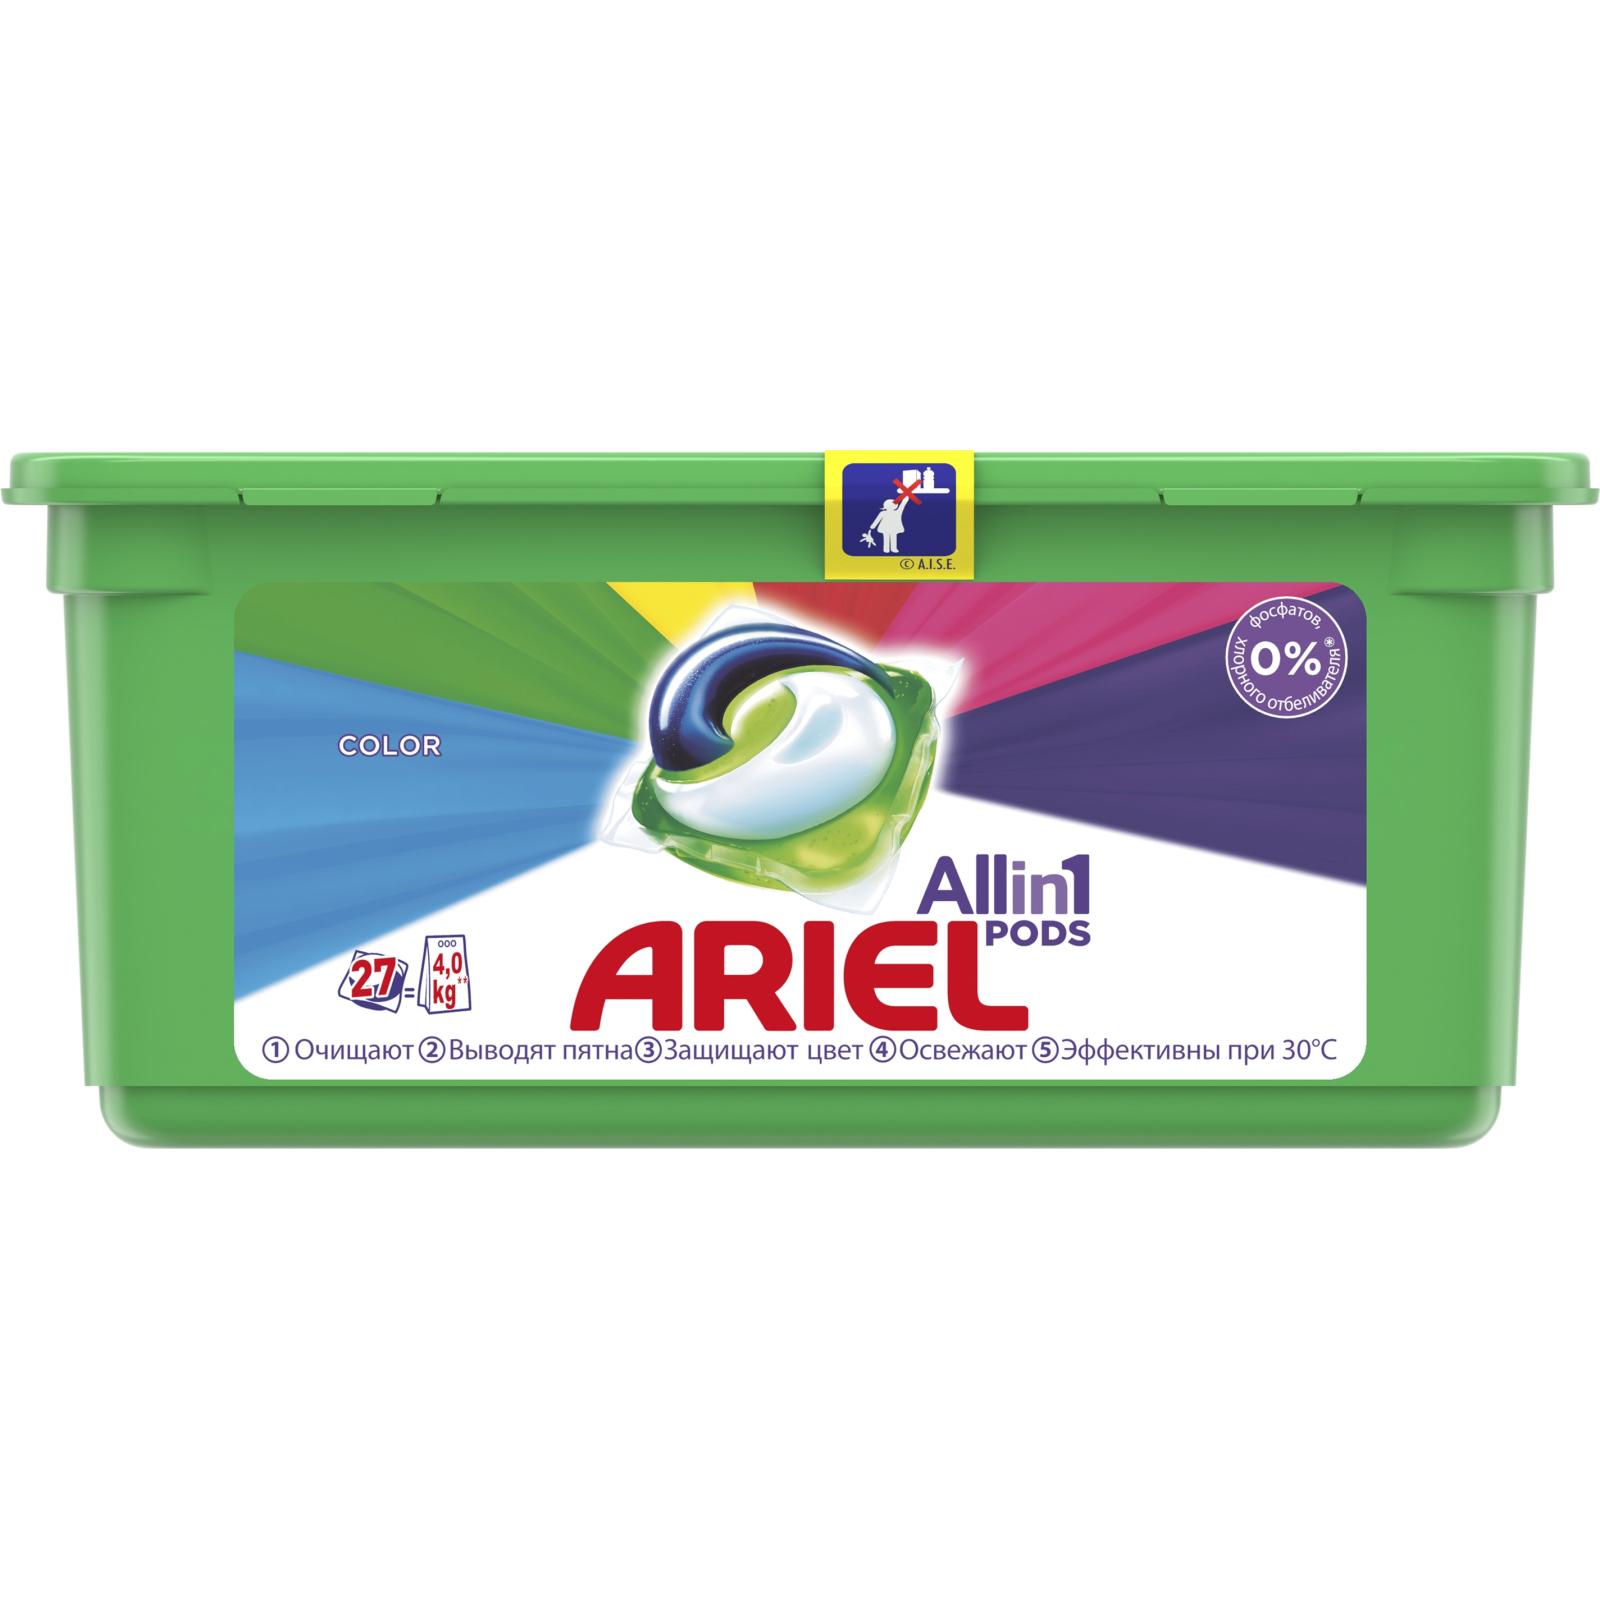 Капсулы для стирки Ariel Pods Все-в-1 Color 23 шт. (4084500078710)